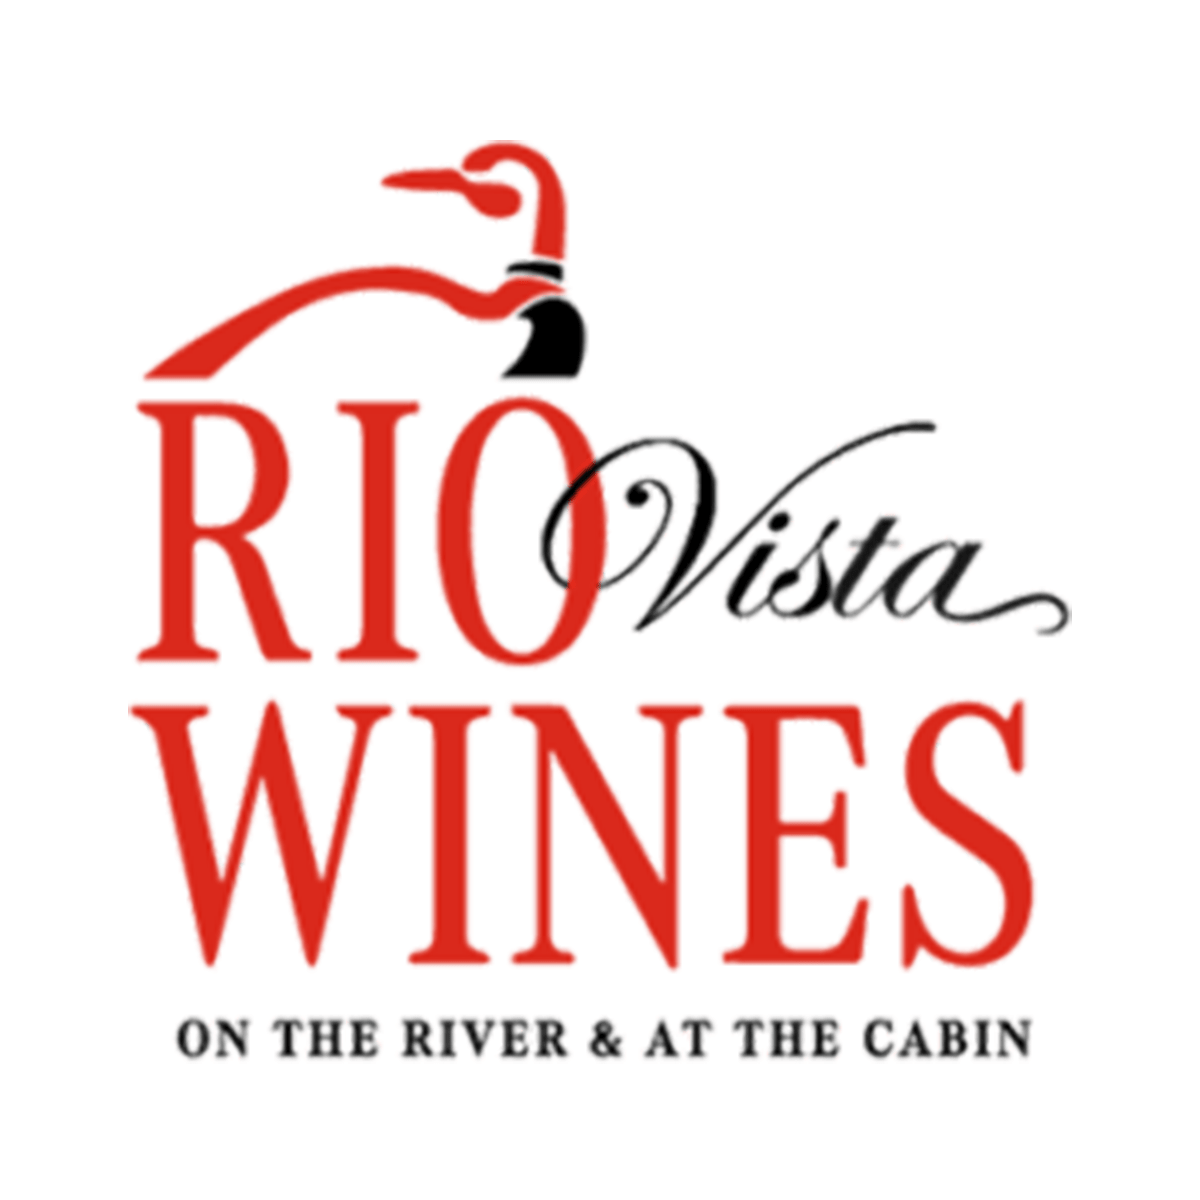 Rio Vista Wines logo